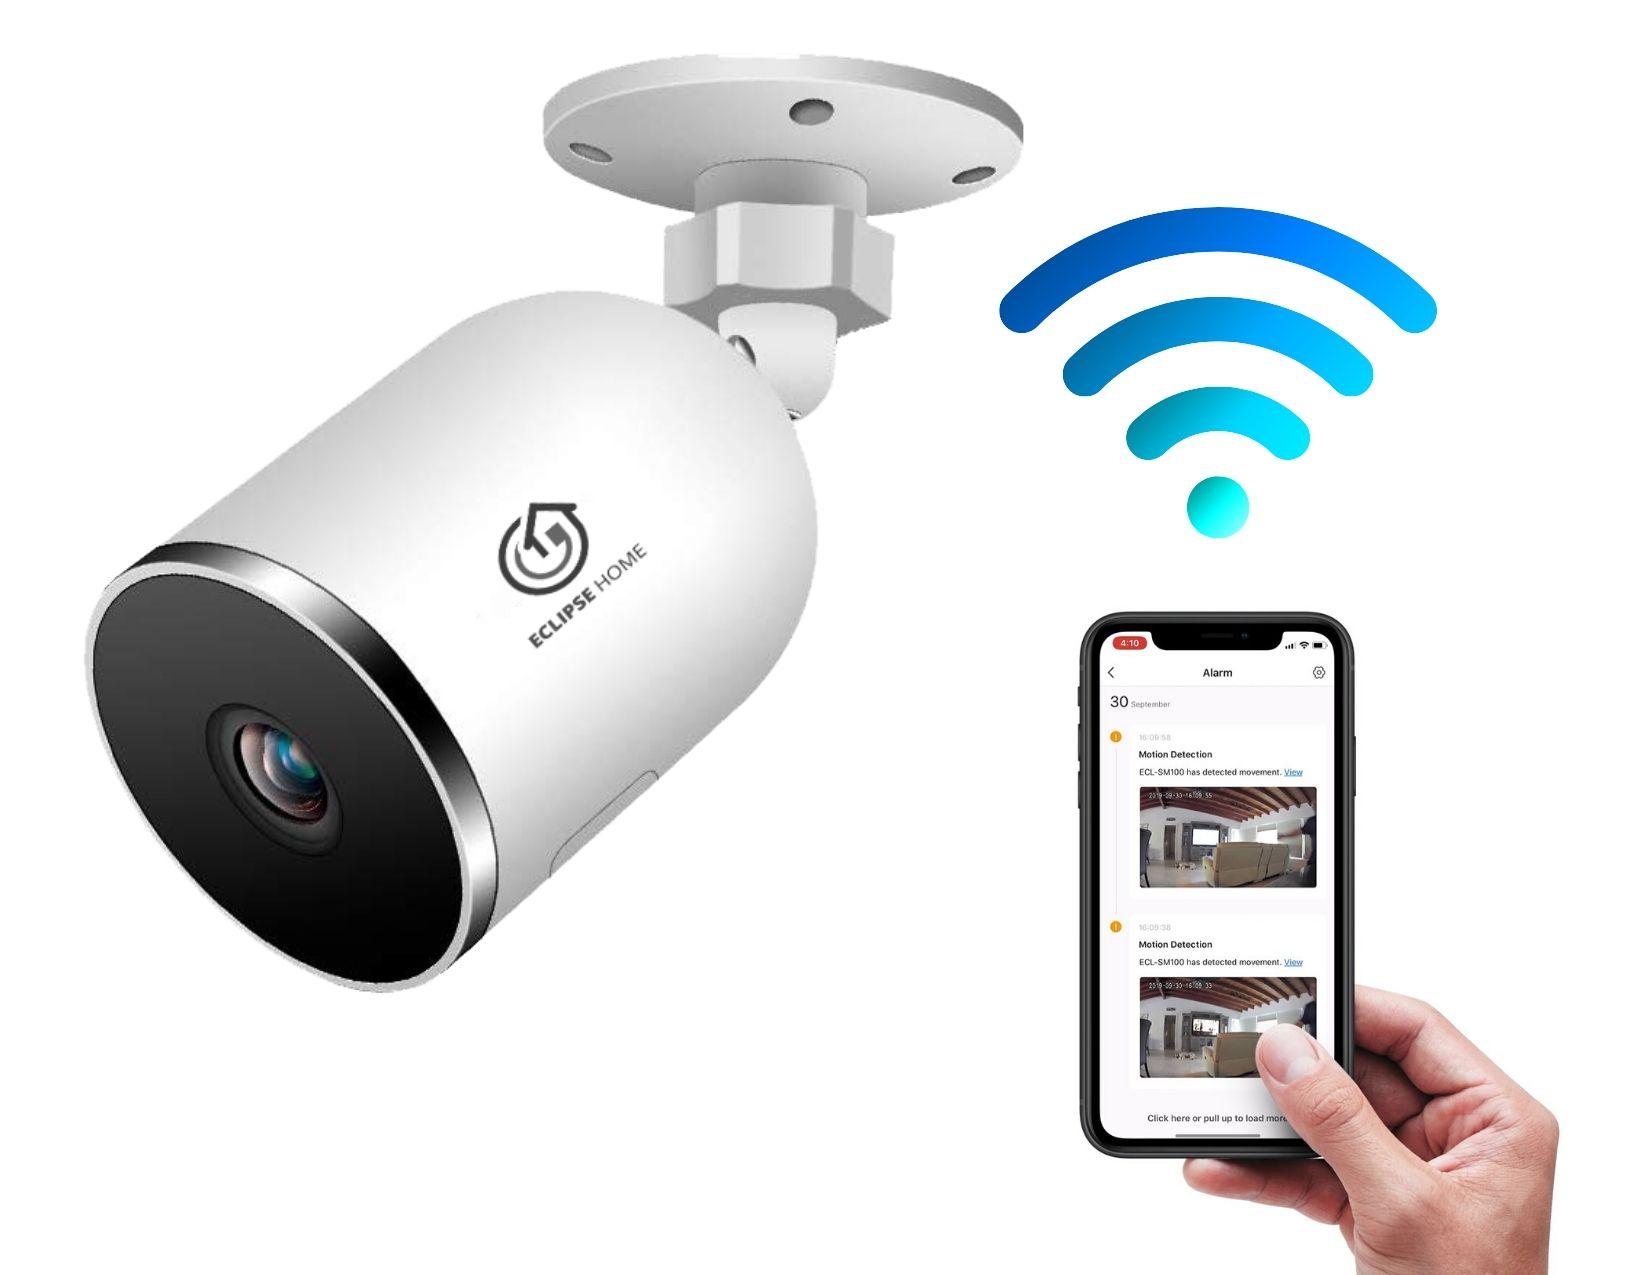 Easy Install smart home camera